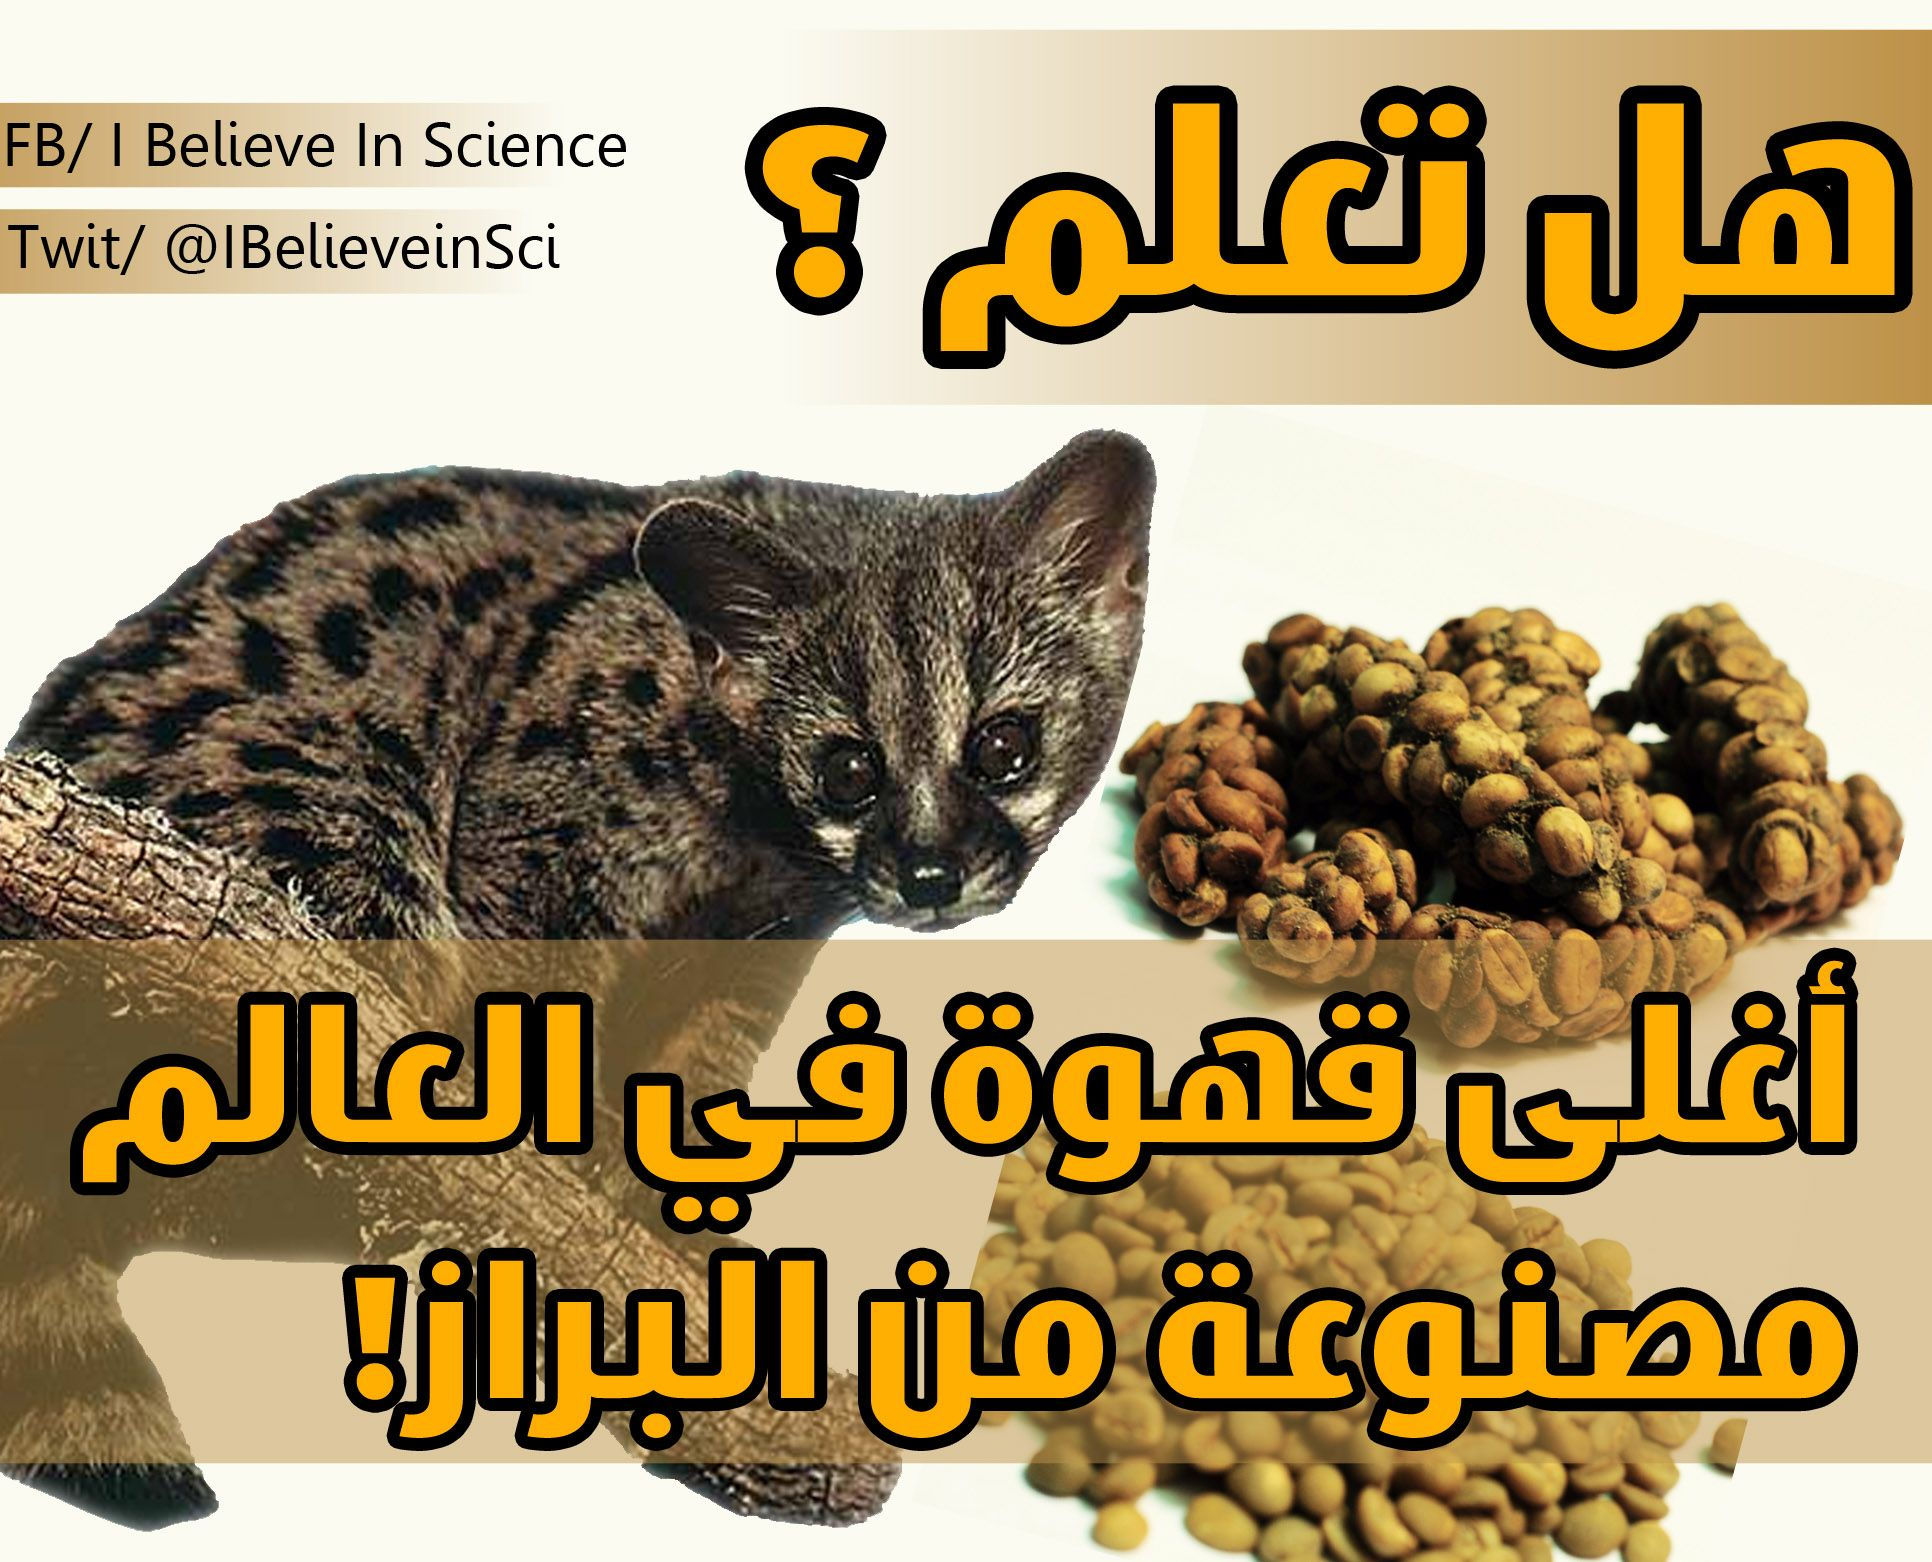 هل تعلم أغلى قهوة في العلم مصنوعة من البراز نعم هي القهوة المسماة بـ كوبي لواك أو قهوة الزباد تعد الأغلى عالمي ا بسعر يتجاوز ا Science Facts Science Facts